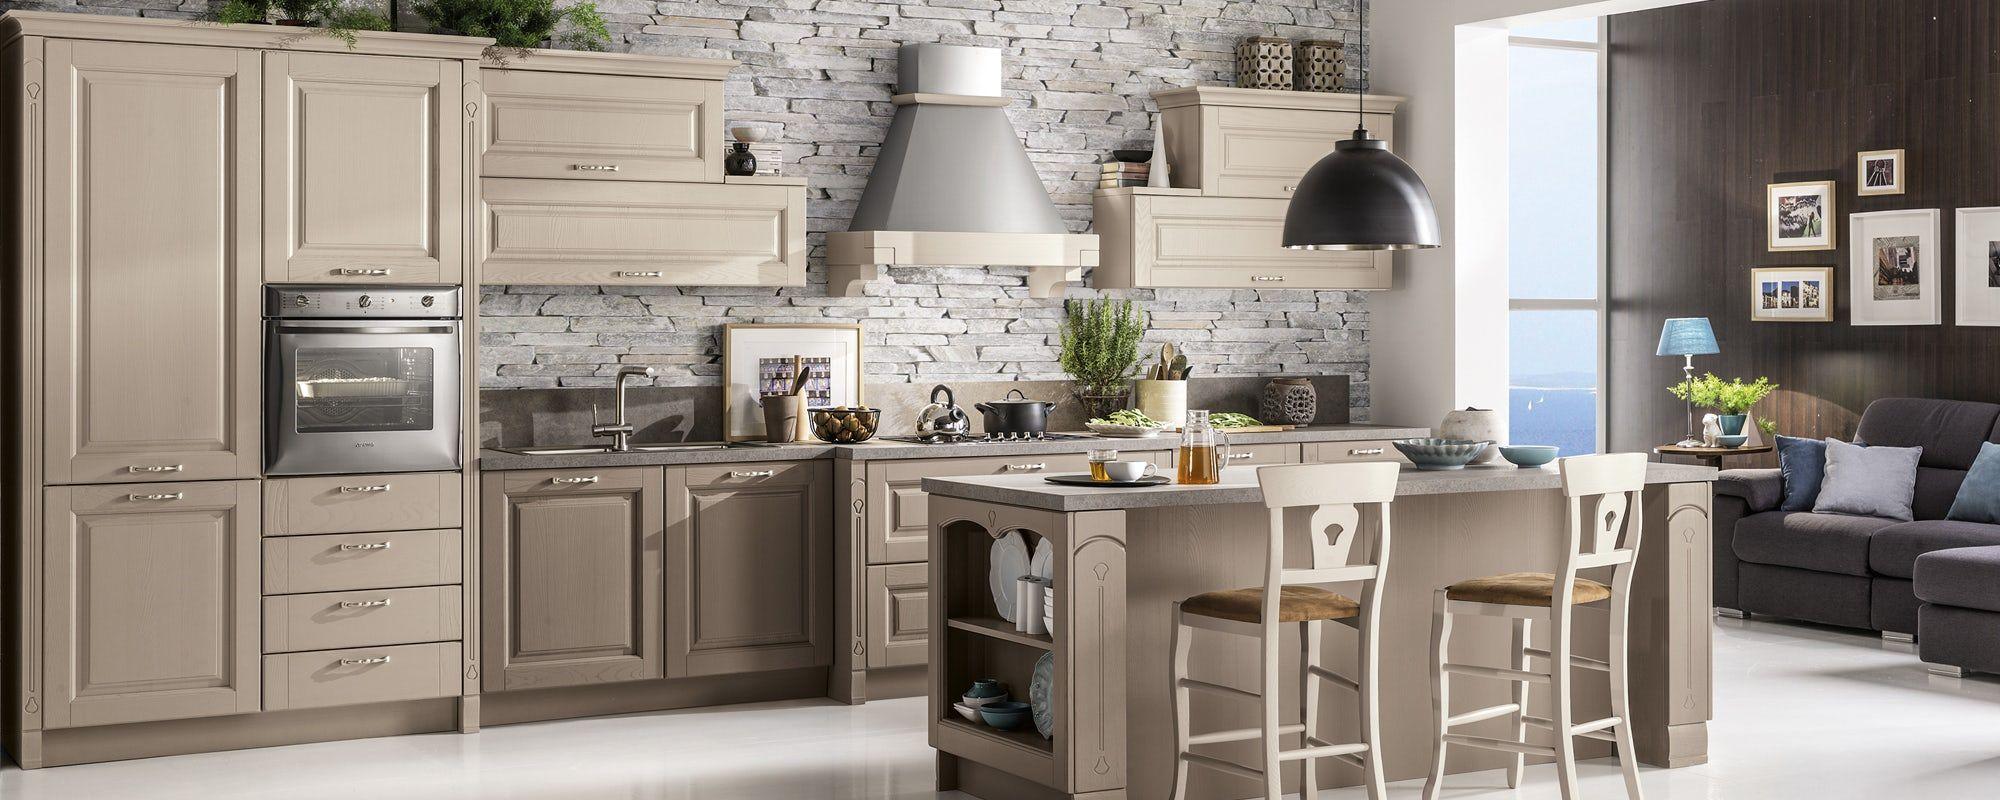 cucine classiche stosa - modello cucina bolgheri 06 ...